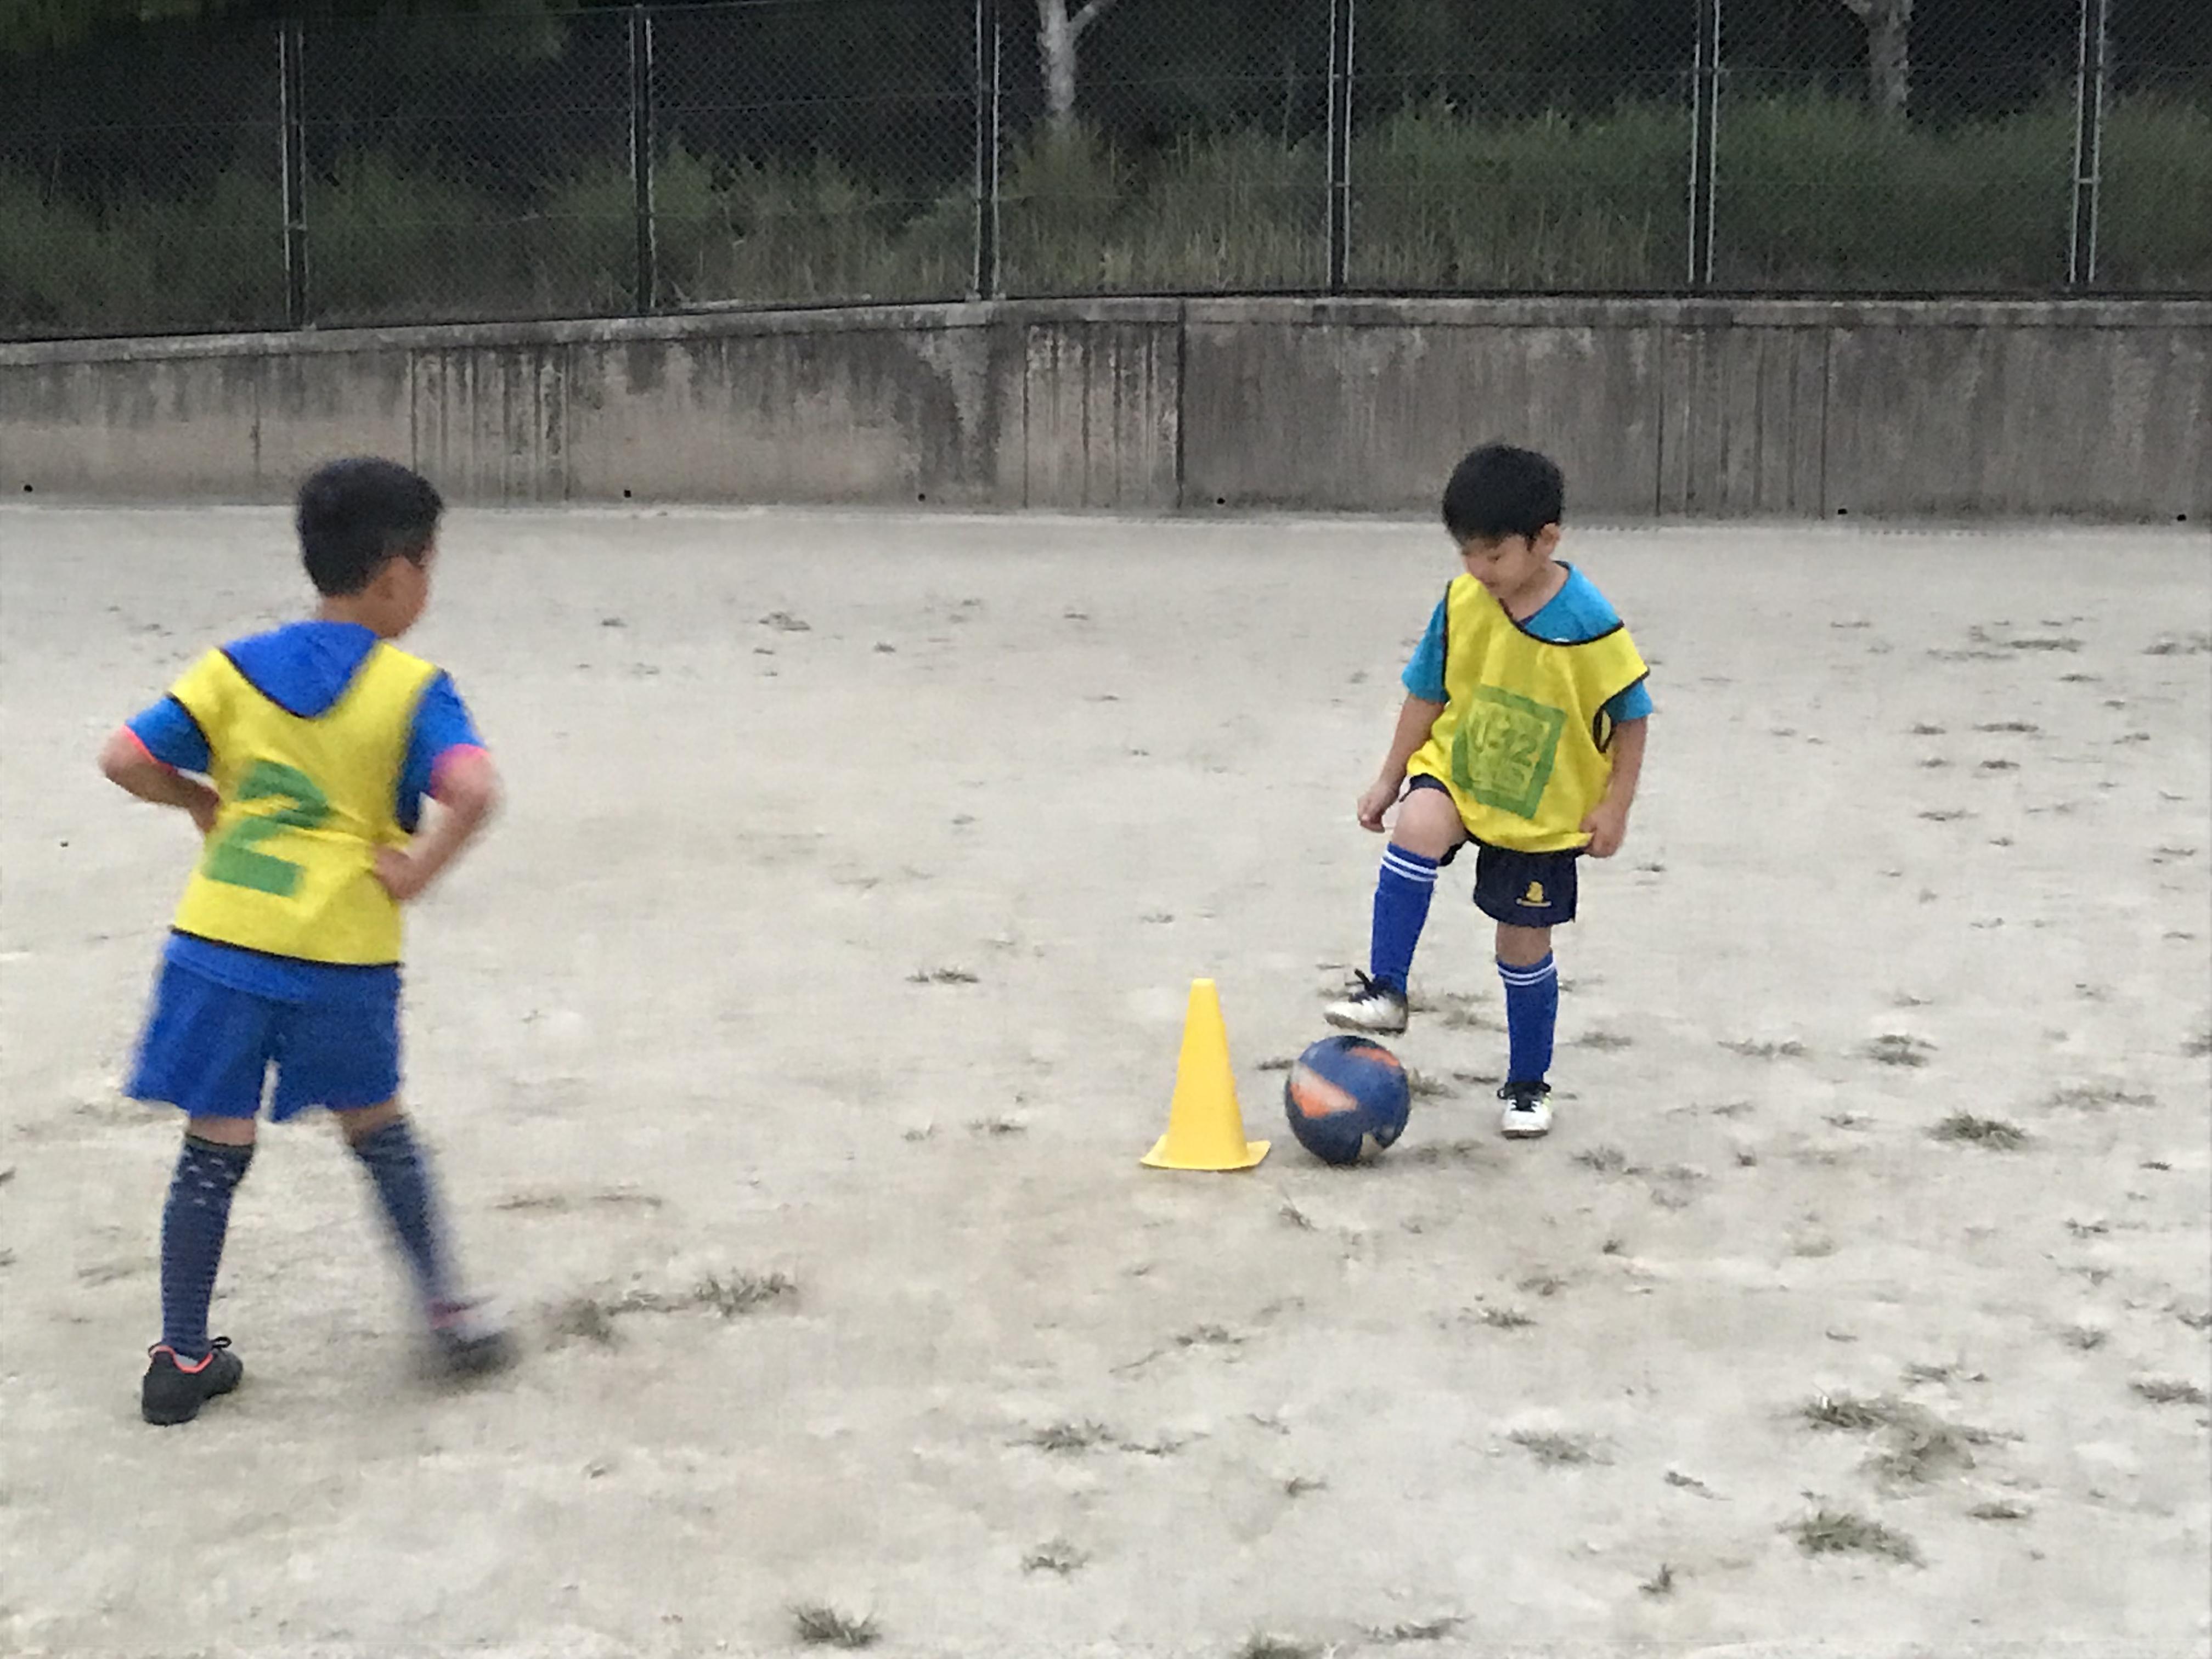 良いサッカー選手になろう!  10月31日(水)桧原スクール!